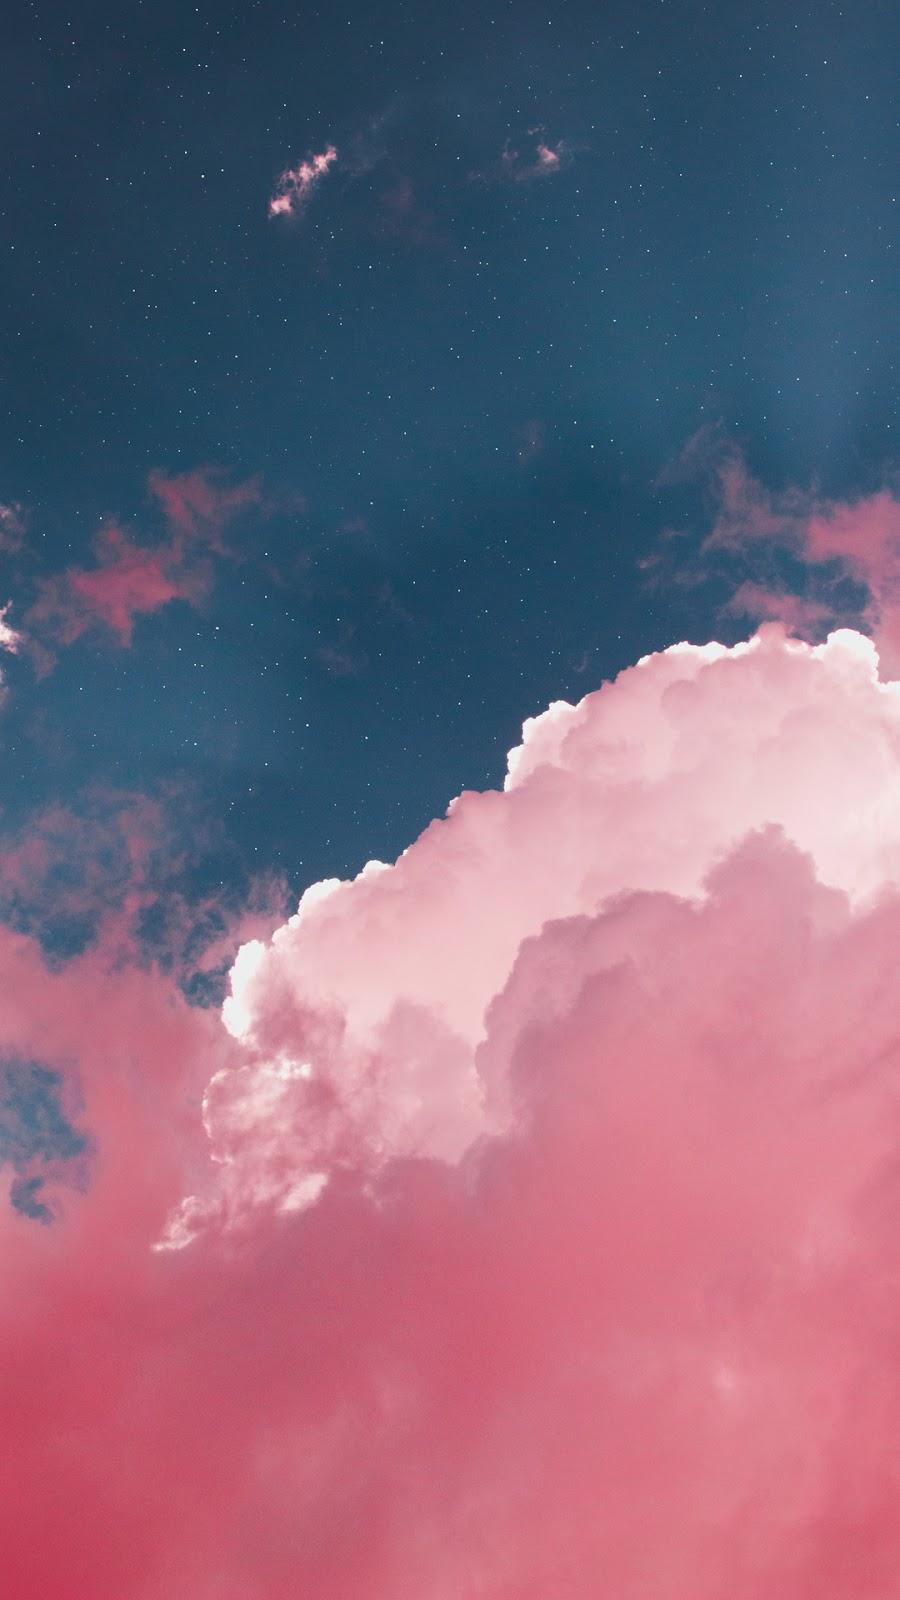 Mây hồng trên bầu trời